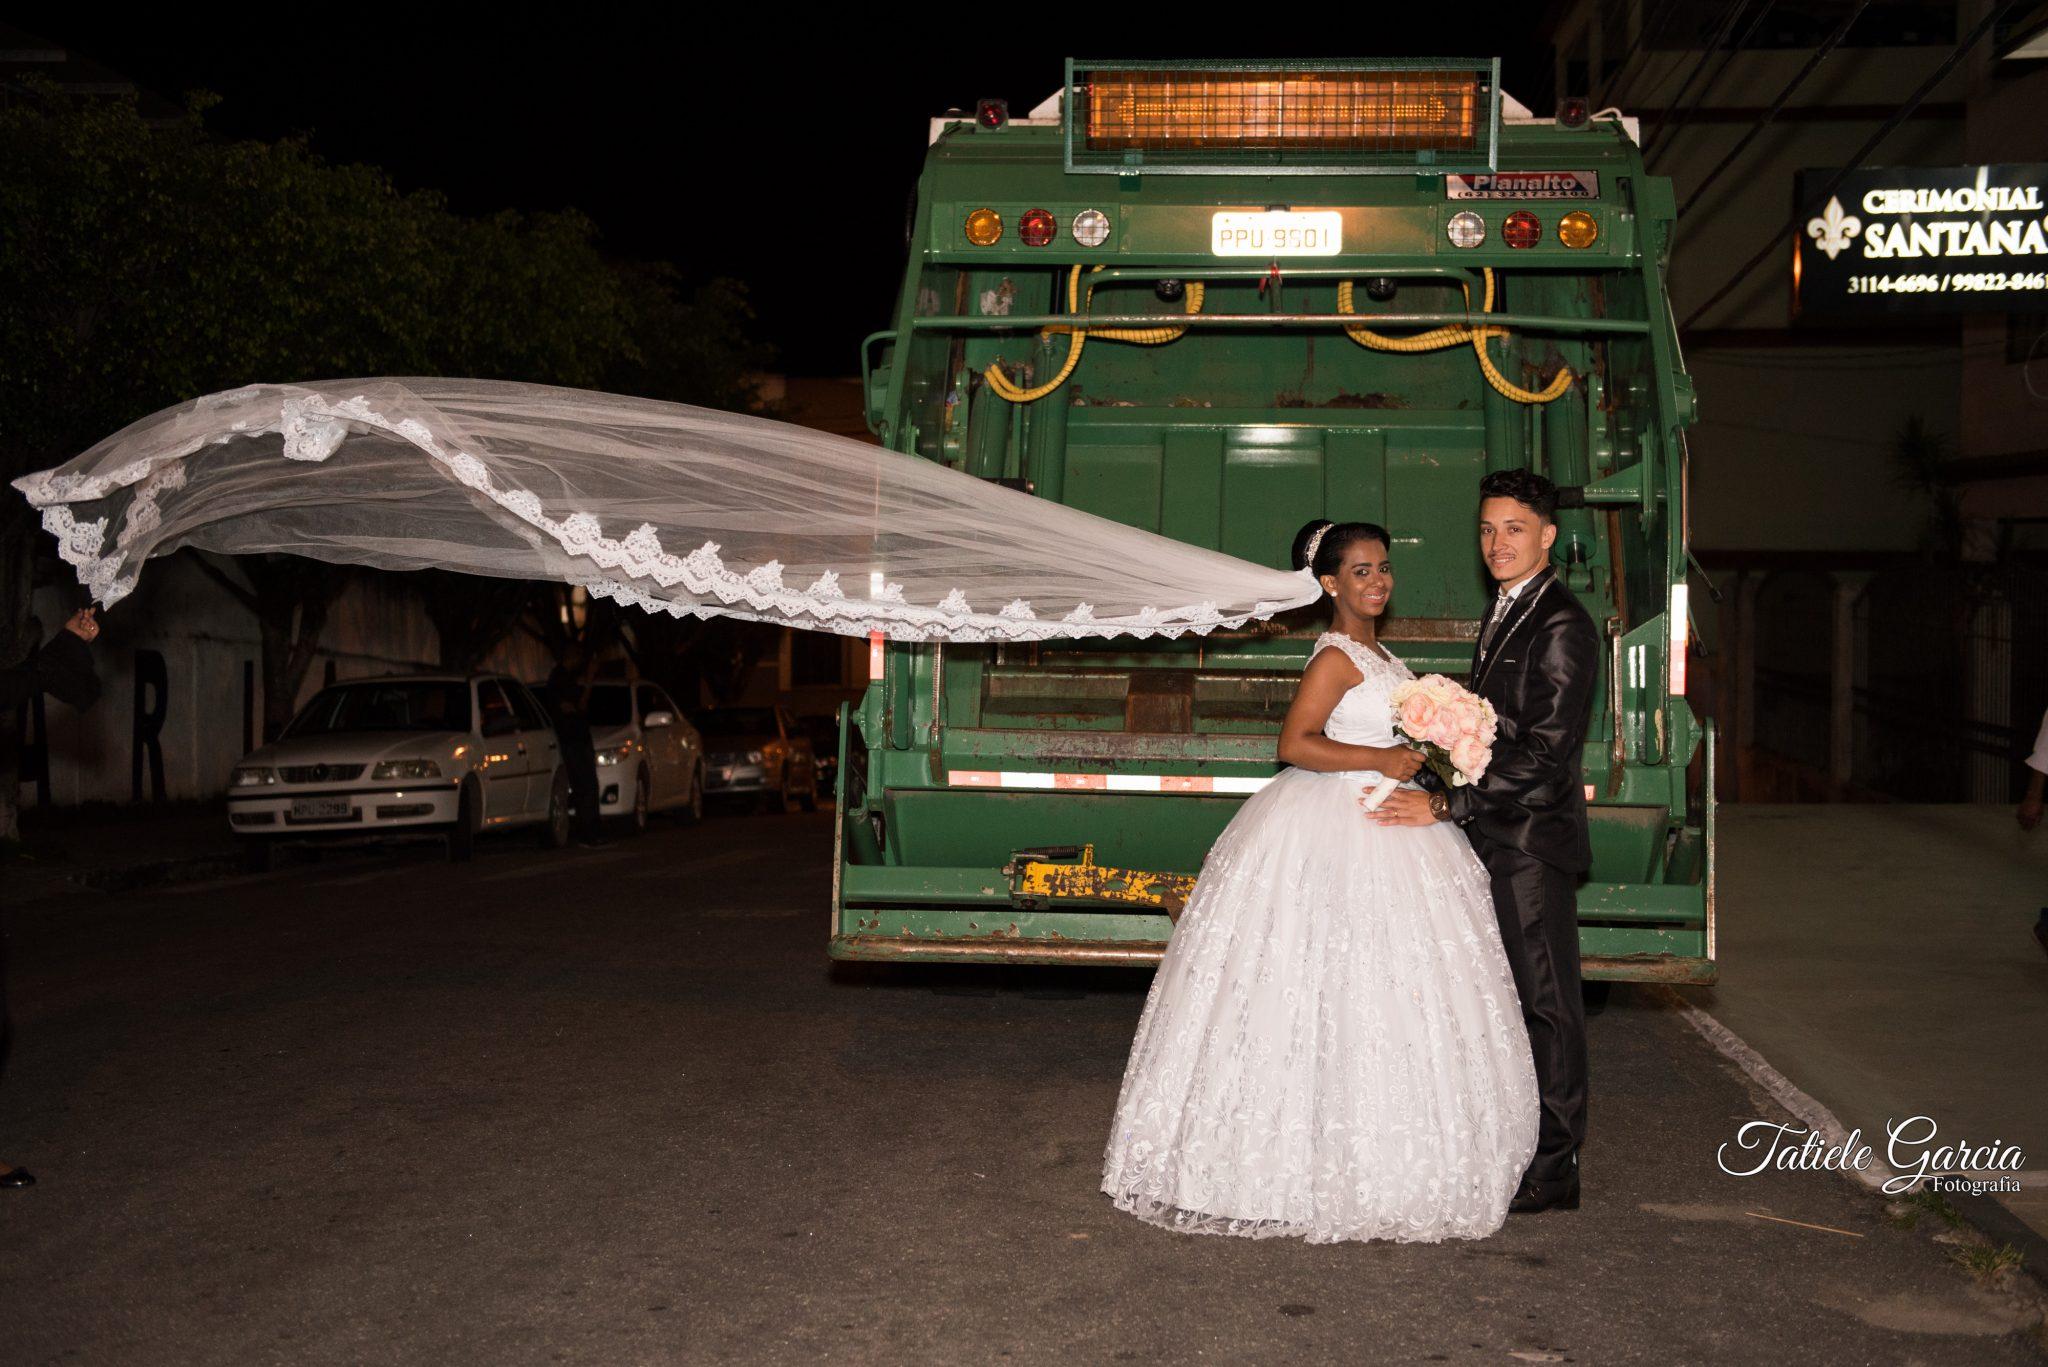 noiva e noivo atrás caminhão de lixo